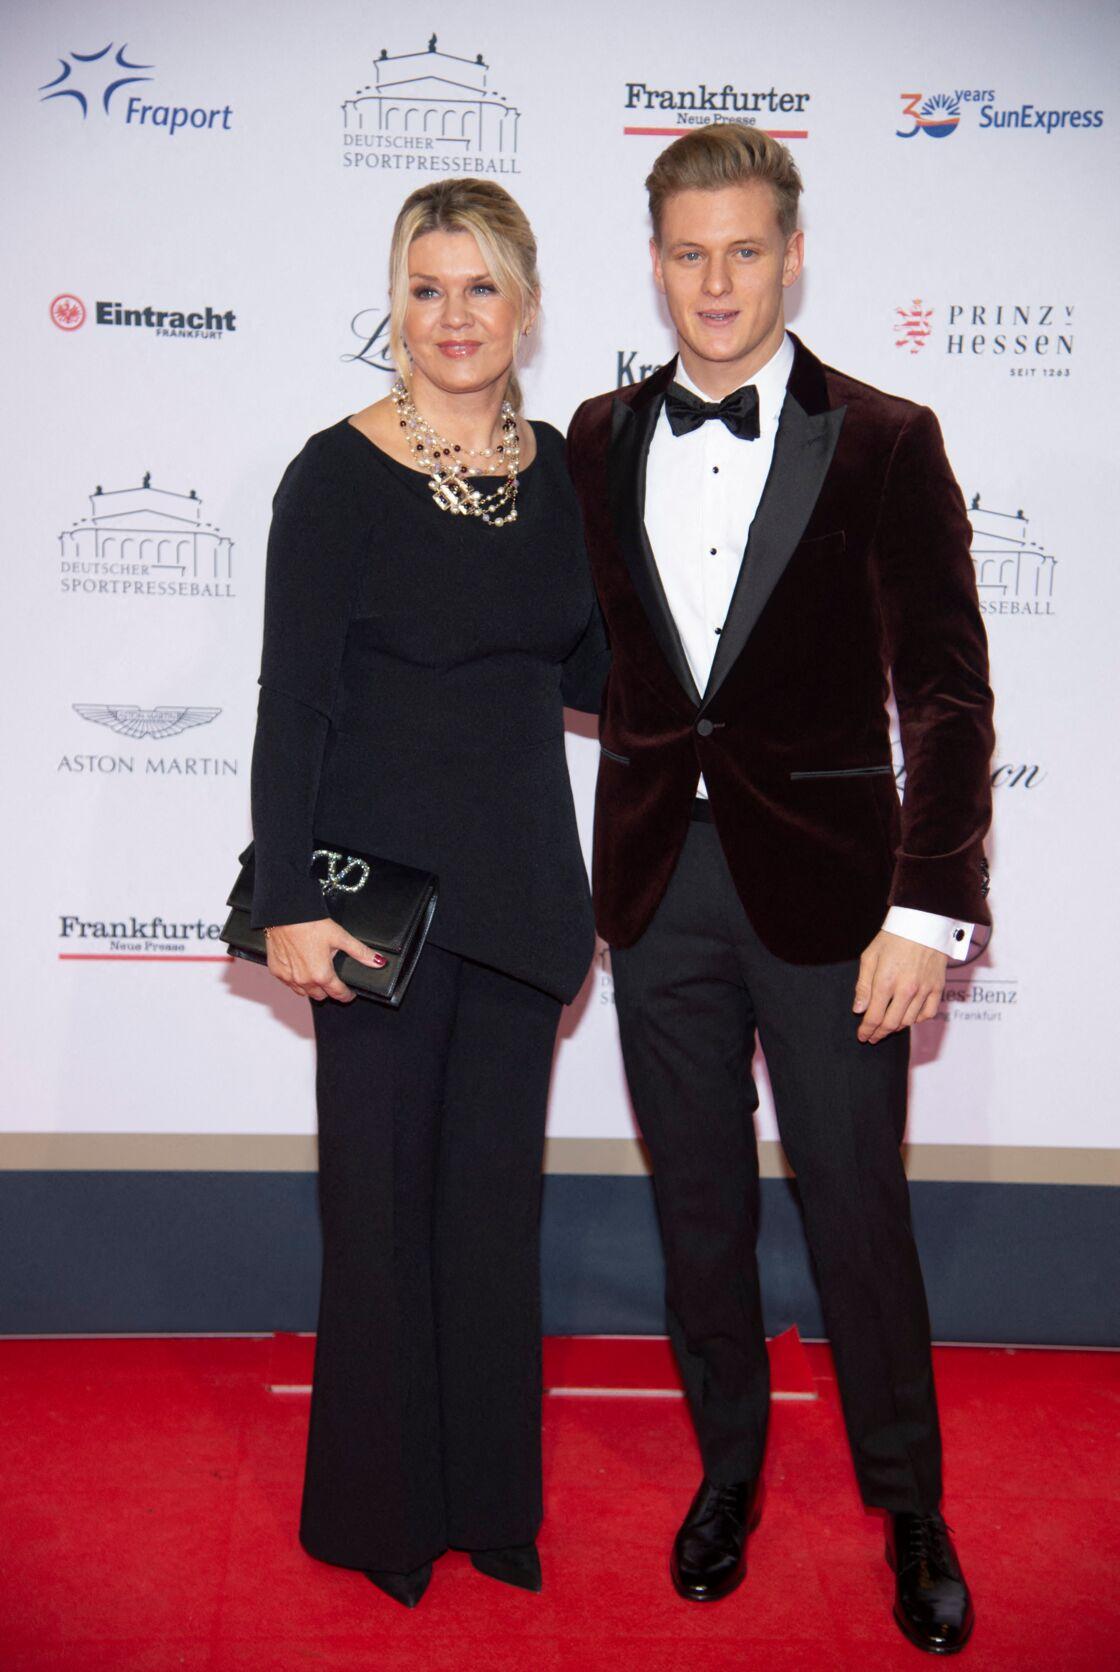 Corinna Schumacher et son fils Mick Schumacher au Red Carpet Show, le 9 novembre 2019